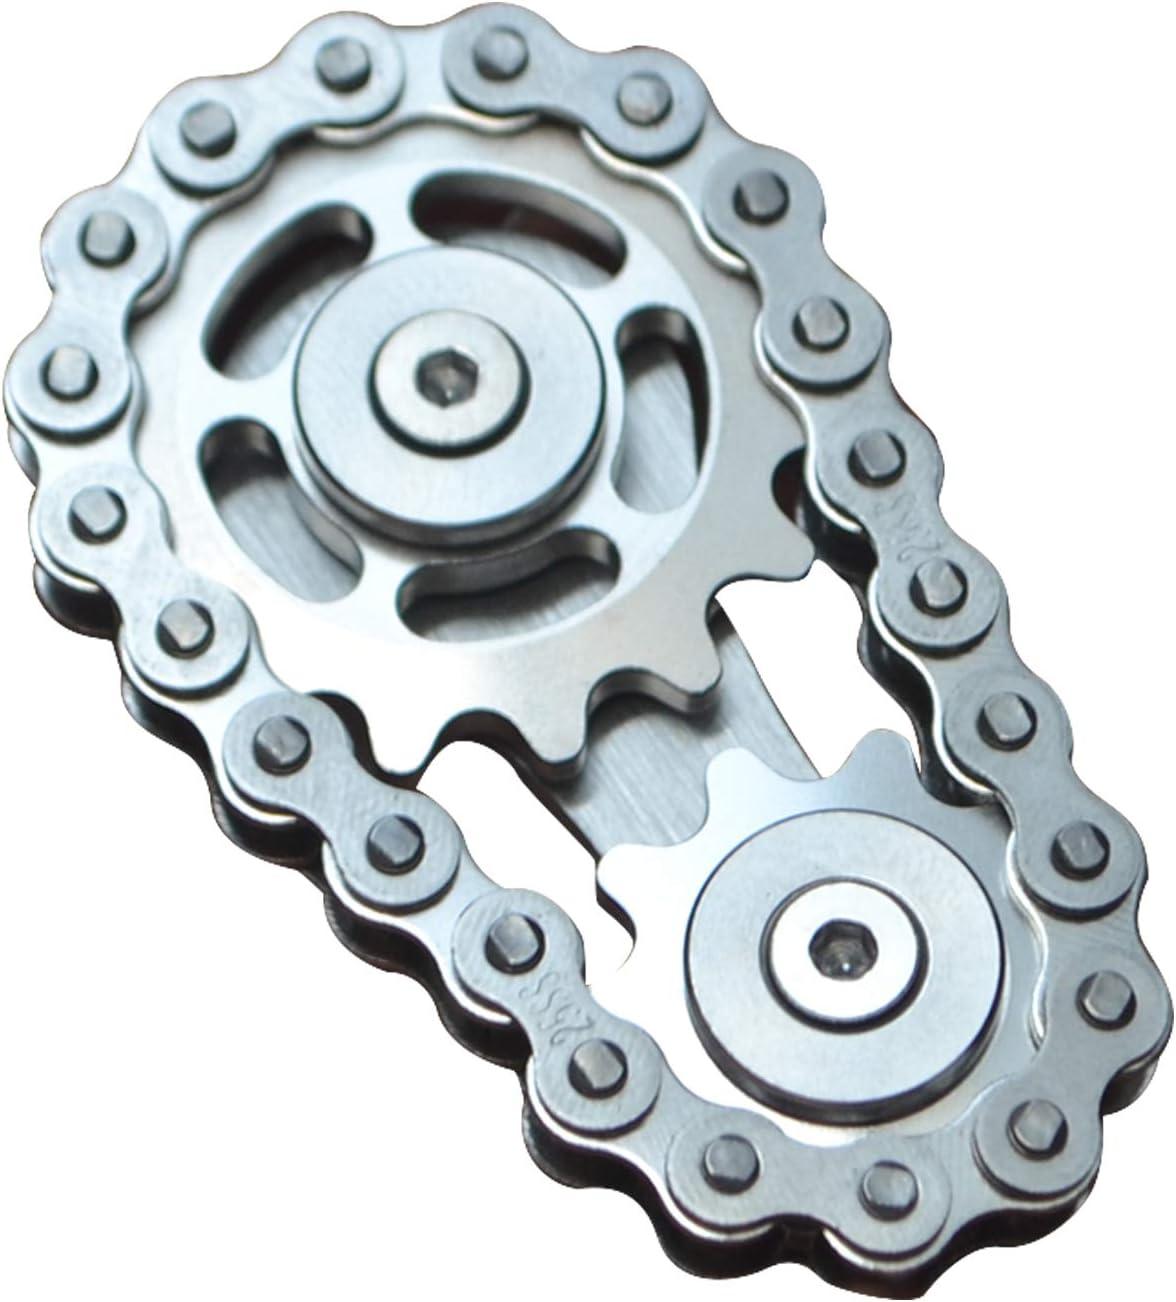 COOLCT Bike Chain Gear Fidget Spinner, Double Gears Figity Spin